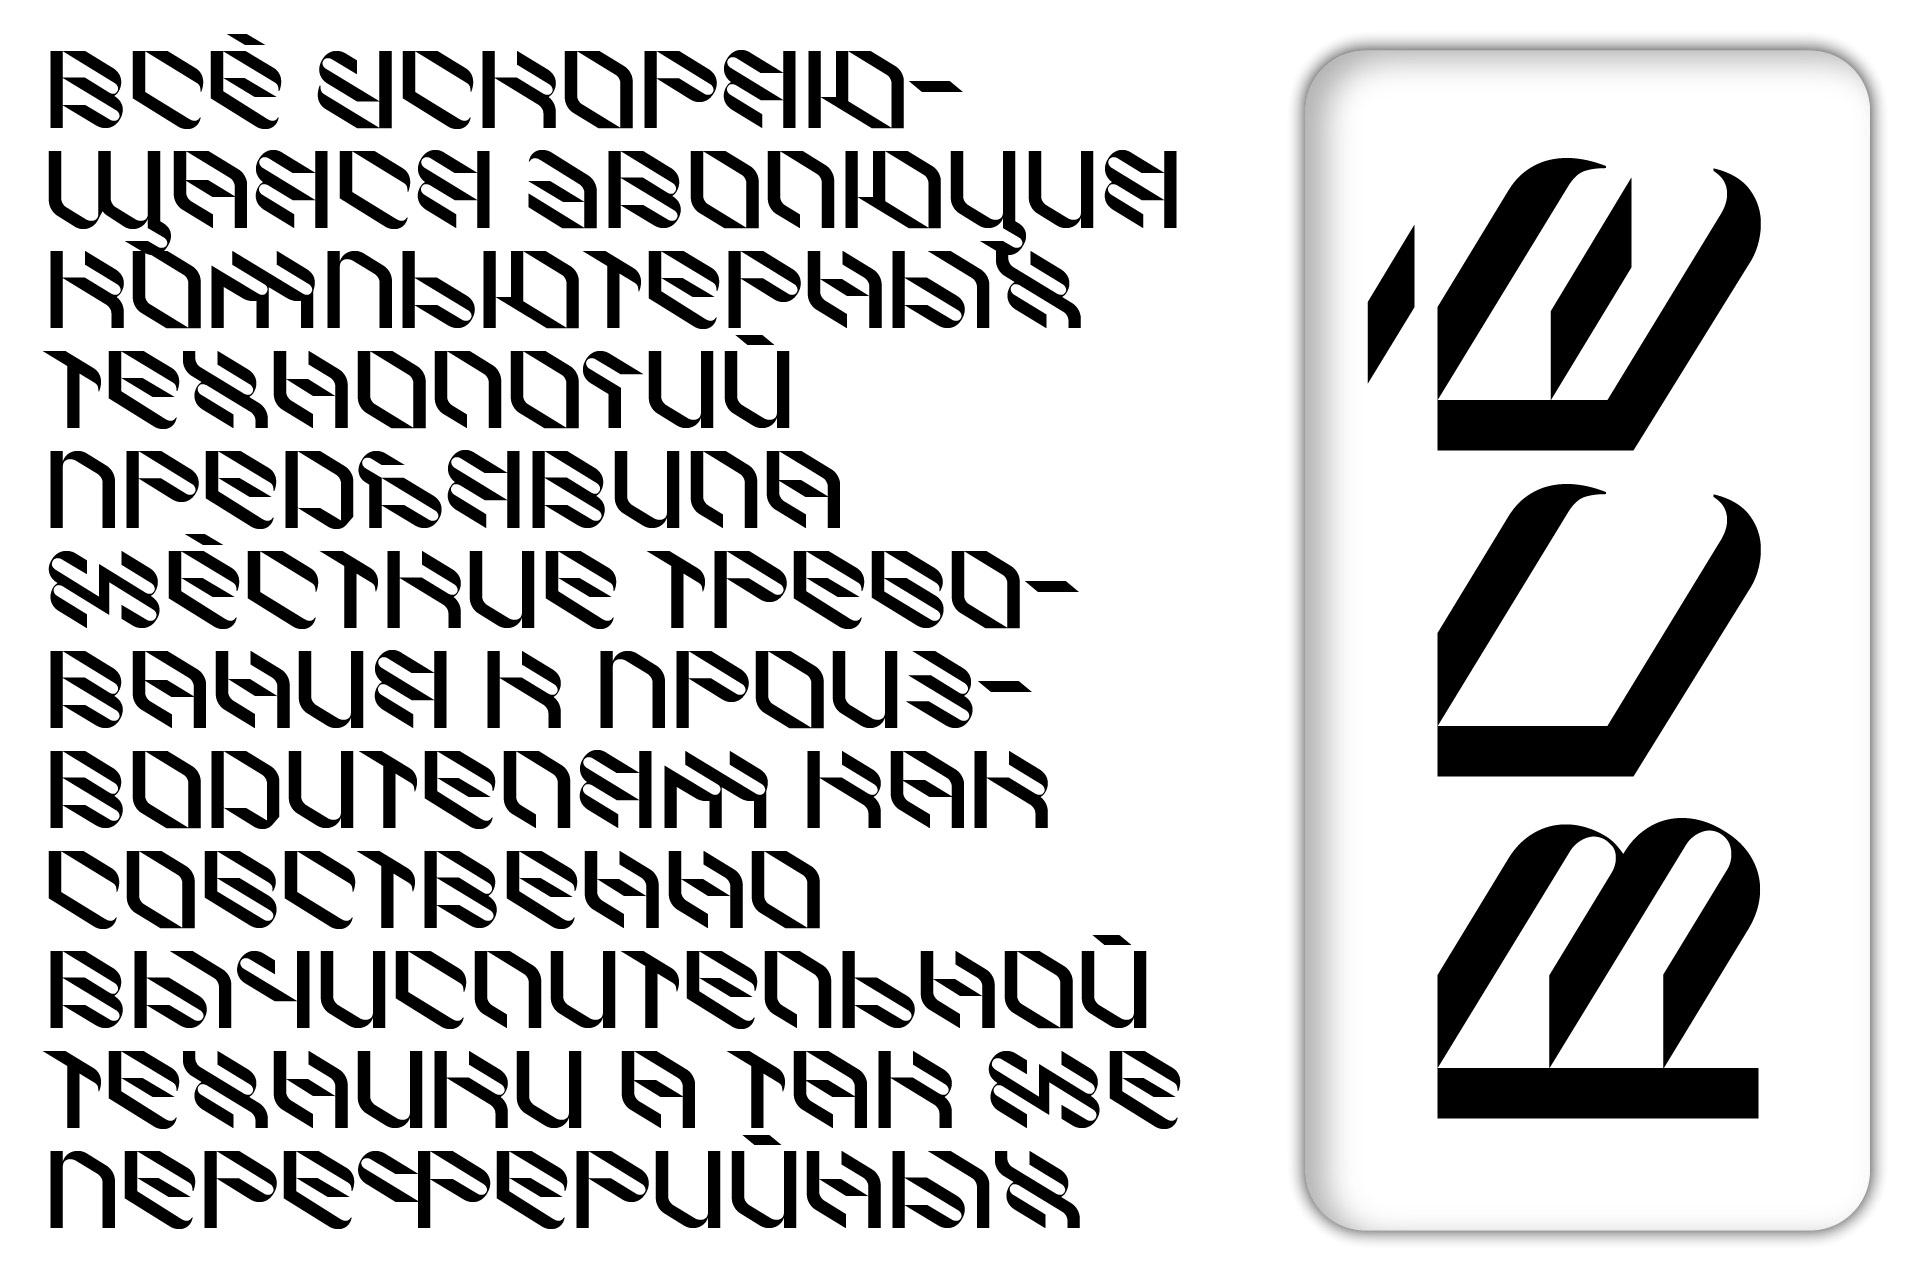 倾斜对角线英文字体下载 Eskos Typeface插图(7)